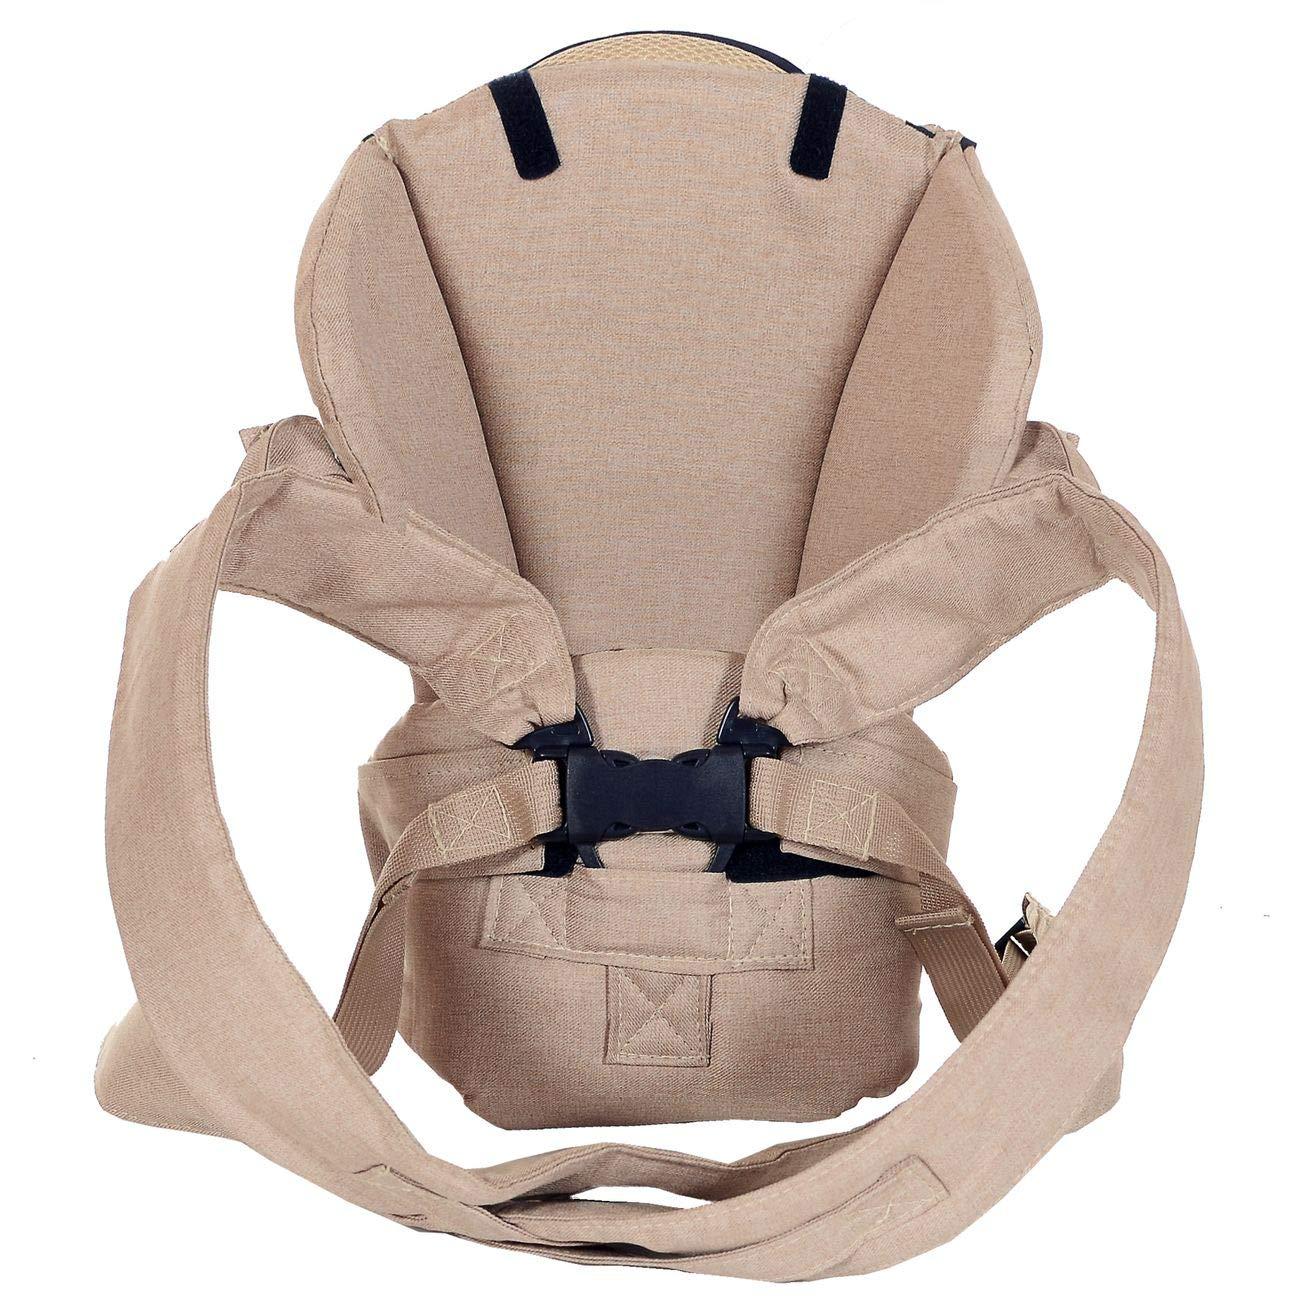 bis 15 kg 2 teilig; Beige LCP Kids Babytrage für Neugeborene Extra Kopfteil Einlage entnehmbar